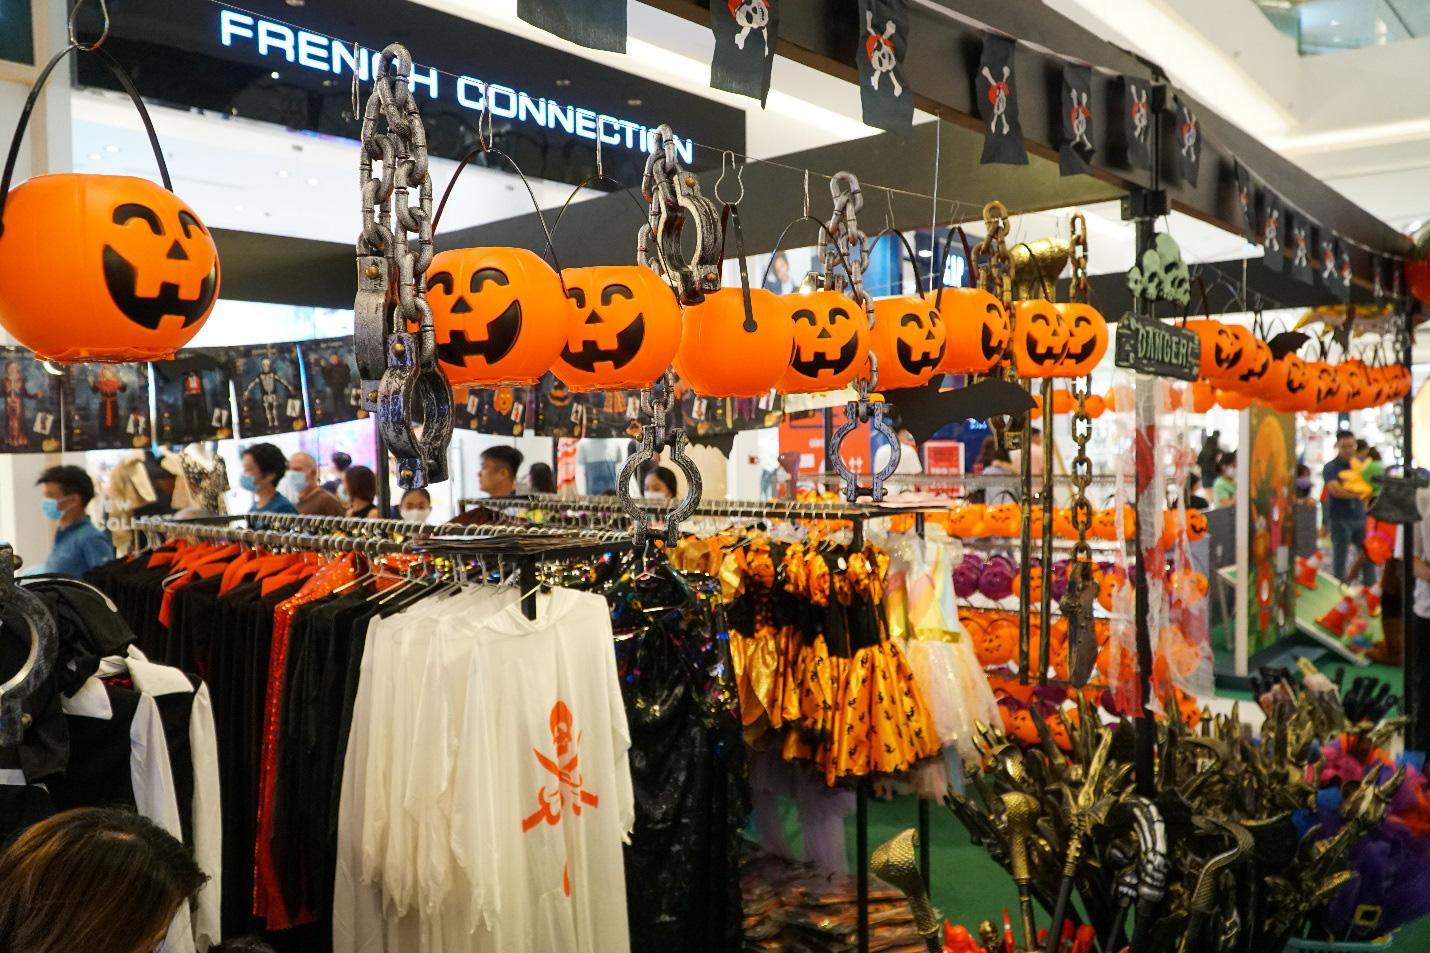 Binh đoàn quái vật cùng so găng mùa Halloween - Tháng 10 này tại Crescent Mall - Ảnh 5.